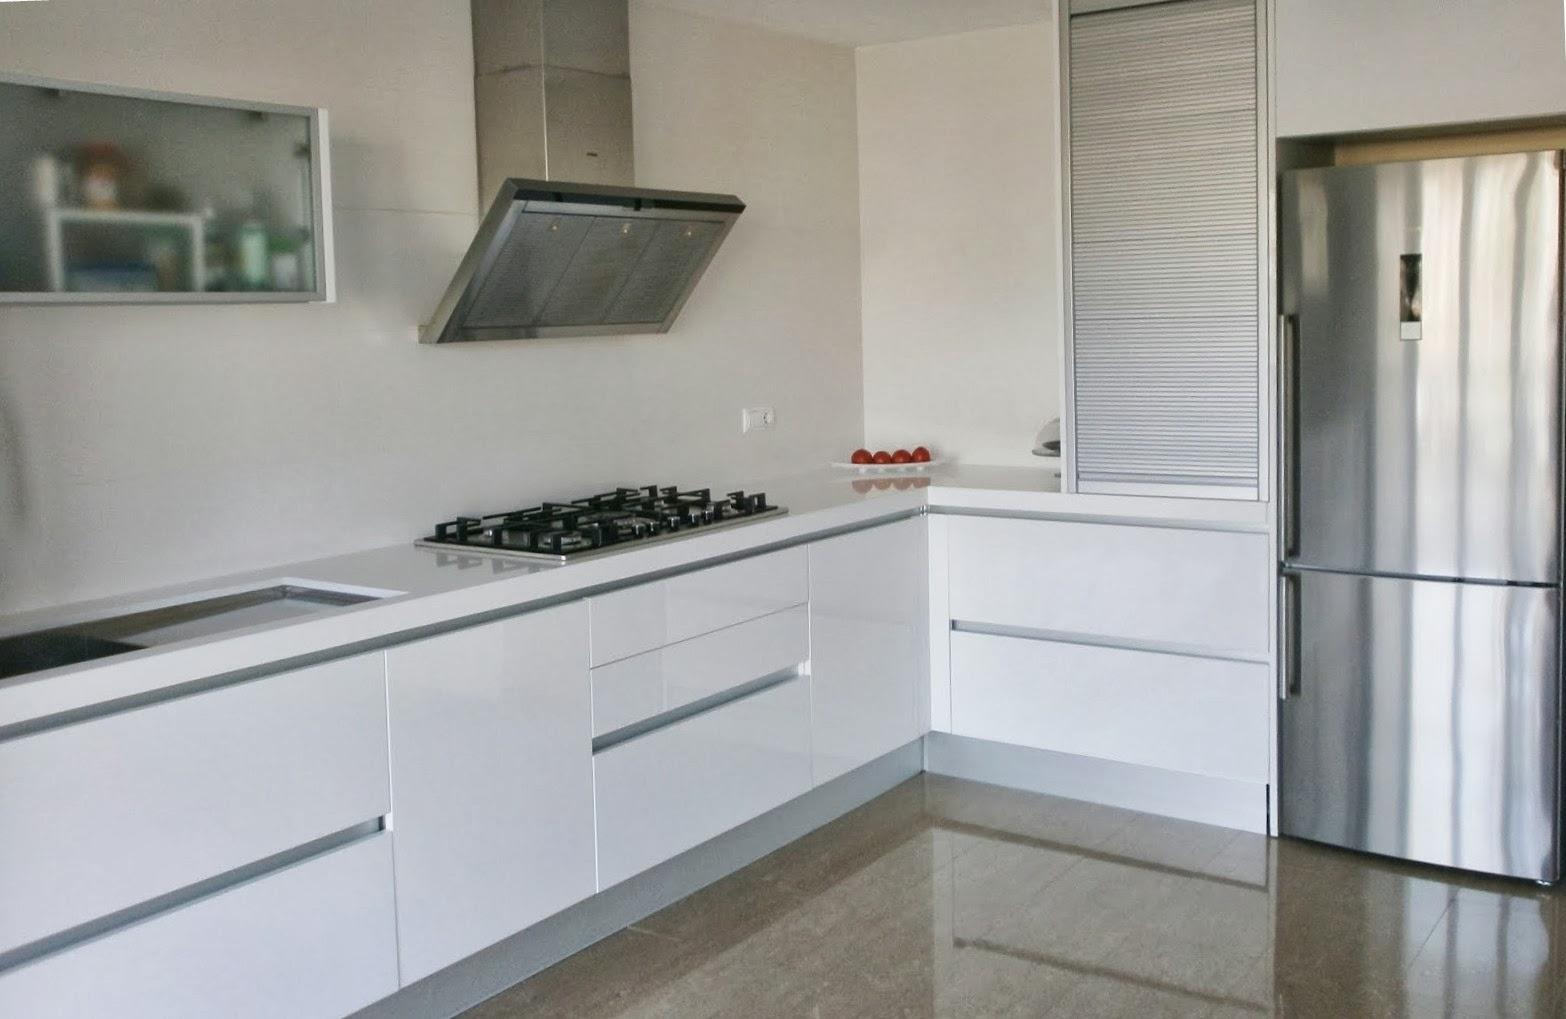 Muebles de cocina con sin tirador 03 tiradores de cocina - Tiradores para cocinas ...